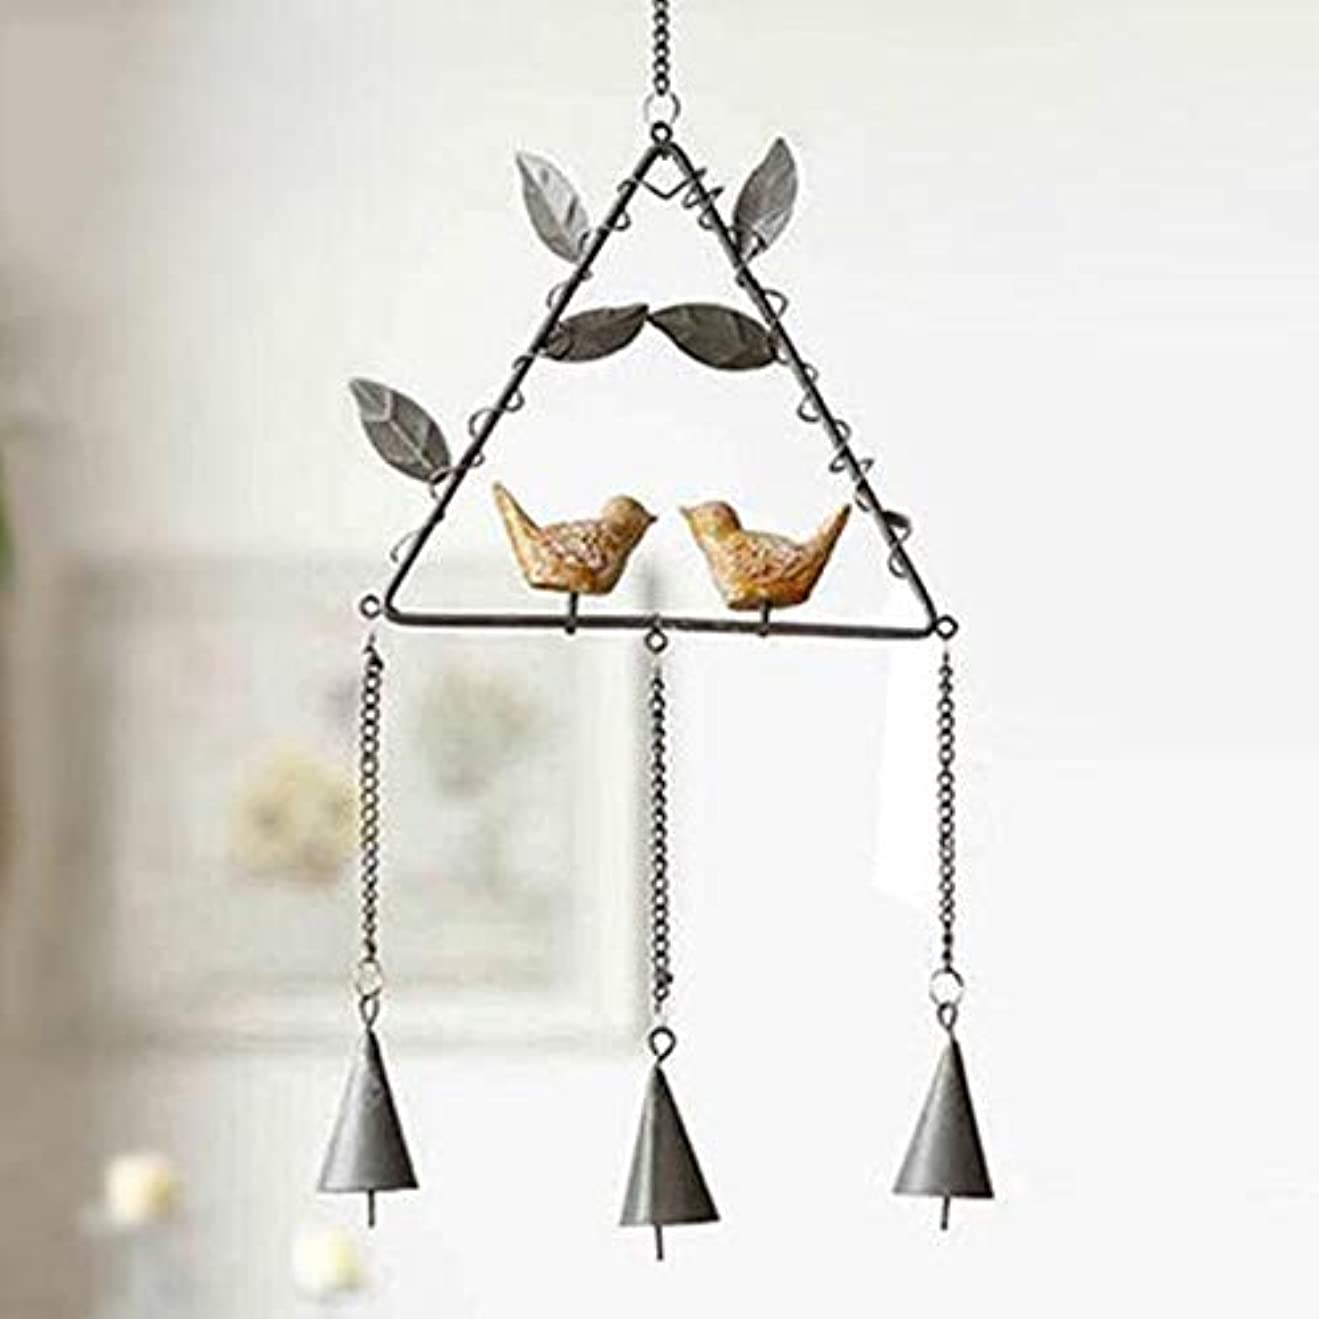 刃料理をする大使Yougou01 風チャイム、アイアンクリエイティブ手作りの鳥風チャイム、グレー、全身について56センチ 、創造的な装飾 (Color : Triangle Gray)